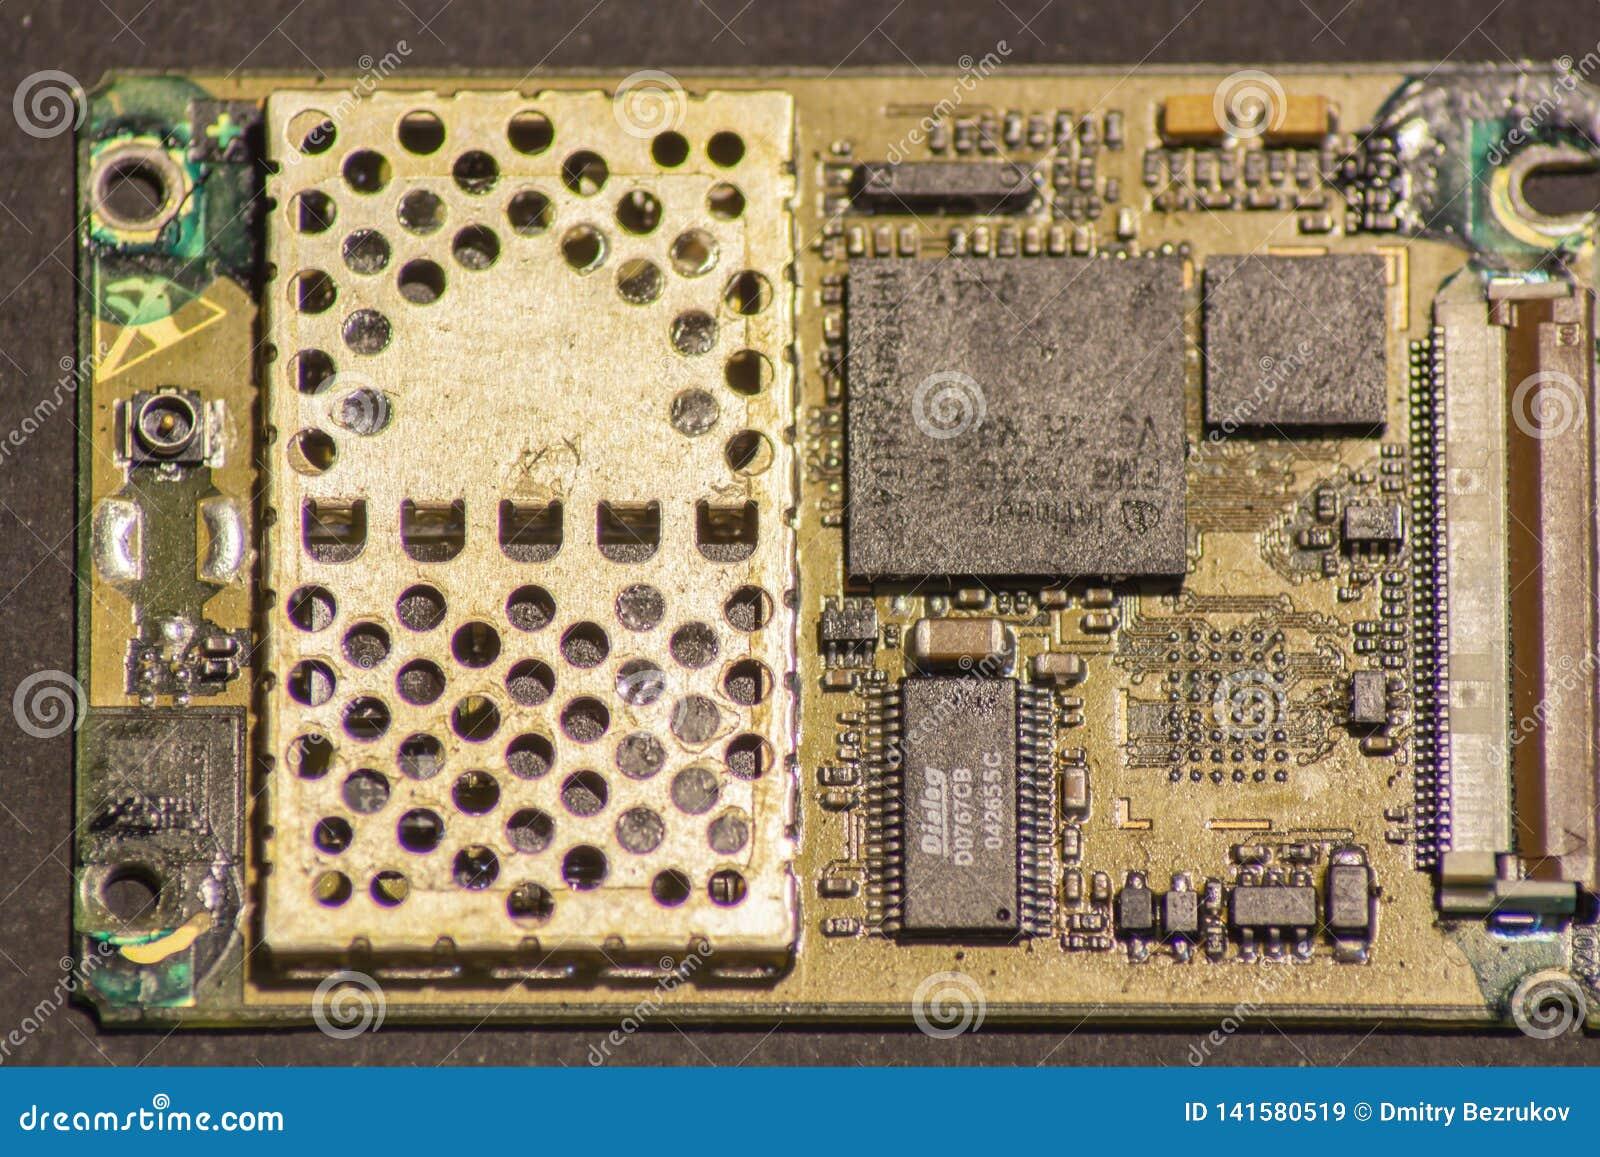 Плата с печатным монтажом электроники